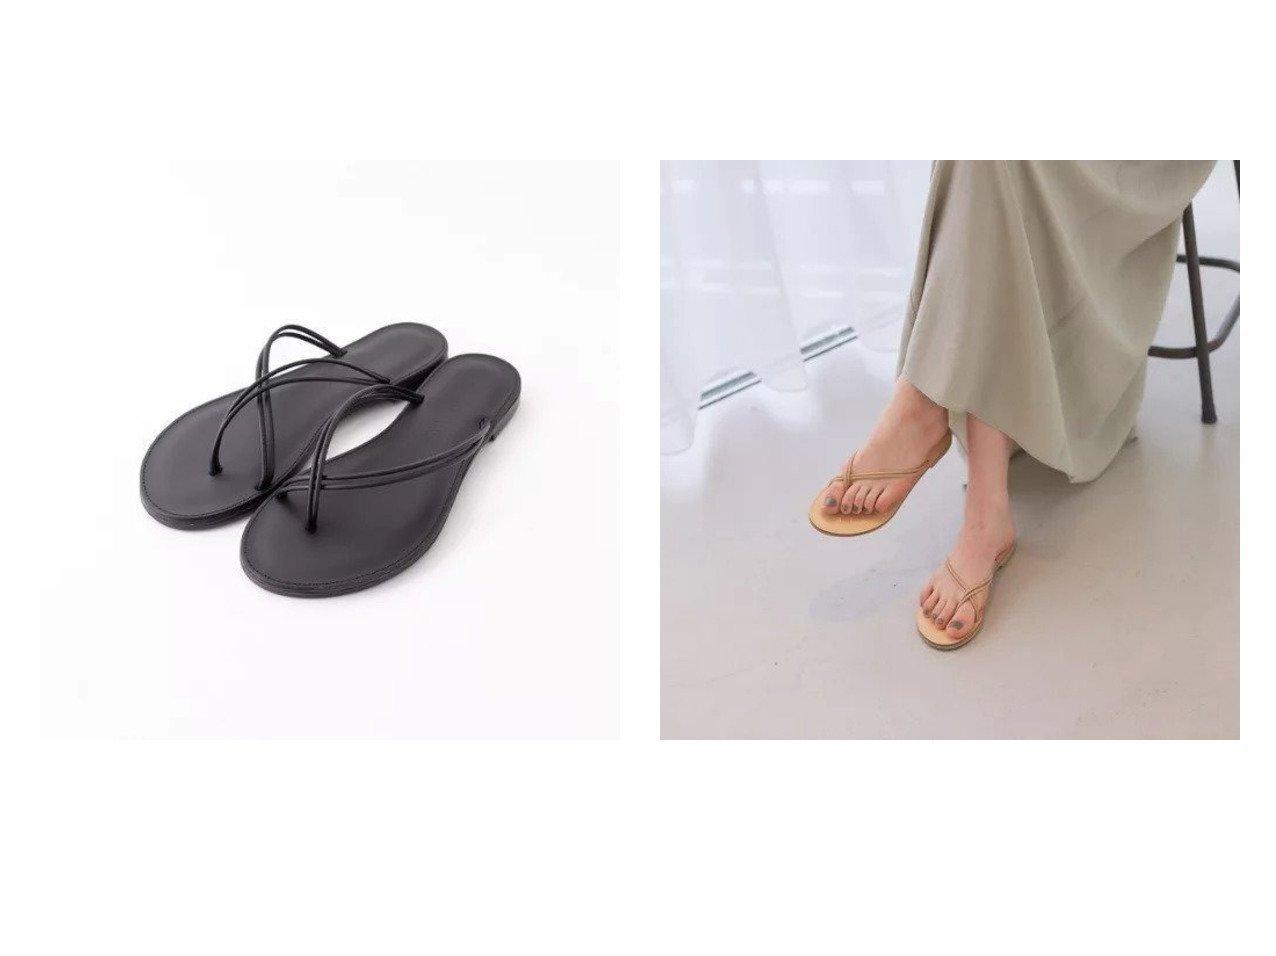 【Rouge vif/ルージュ ヴィフ】の【NICOLAS LAINAS】クロスストラップサンダル 【シューズ・靴】おすすめ!人気、トレンド・レディースファッションの通販 おすすめで人気の流行・トレンド、ファッションの通販商品 インテリア・家具・メンズファッション・キッズファッション・レディースファッション・服の通販 founy(ファニー) https://founy.com/ ファッション Fashion レディースファッション WOMEN おすすめ Recommend サンダル シューズ リゾート |ID:crp329100000049418